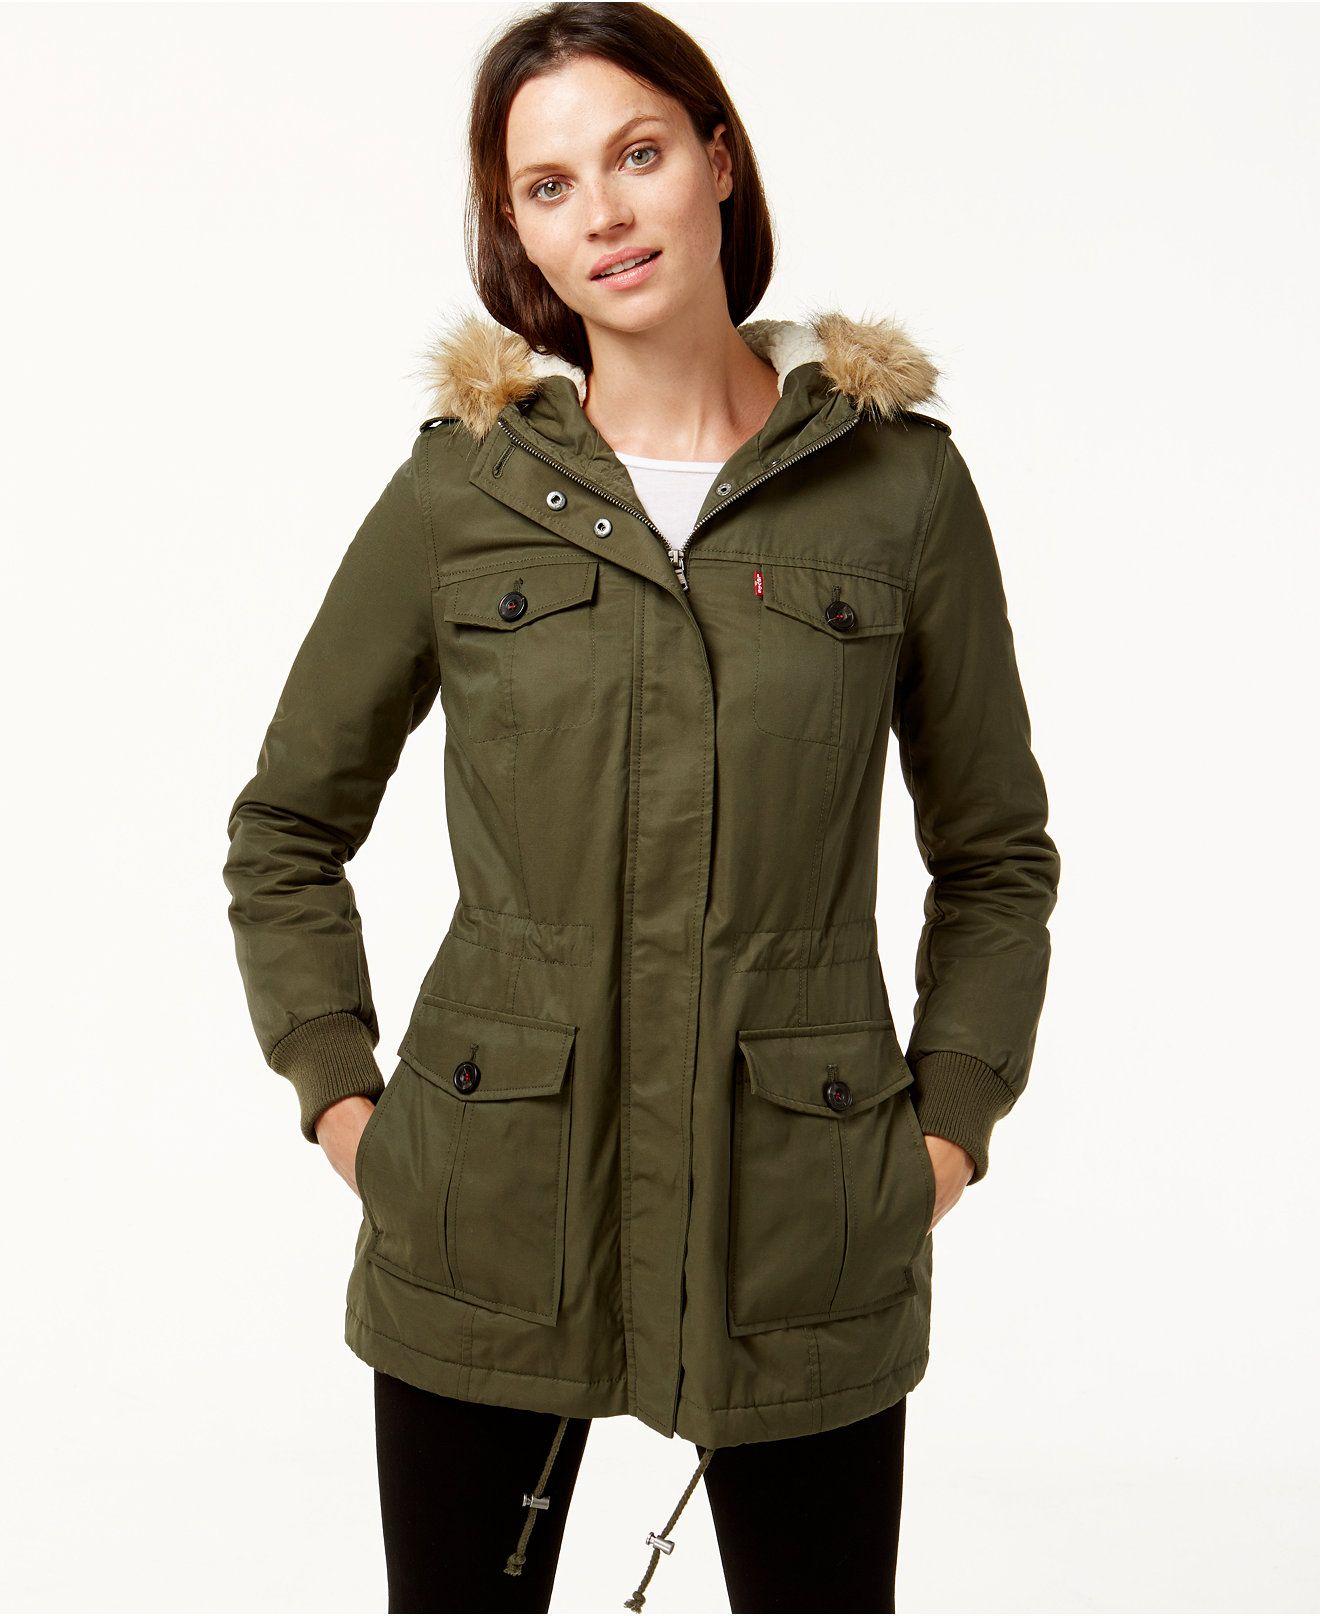 Levi S Hooded Faux Fur Sherpa Lined Jacket Coats Women Macy S Hooded Faux Sherpa Lined Jacket Jackets [ 1616 x 1320 Pixel ]